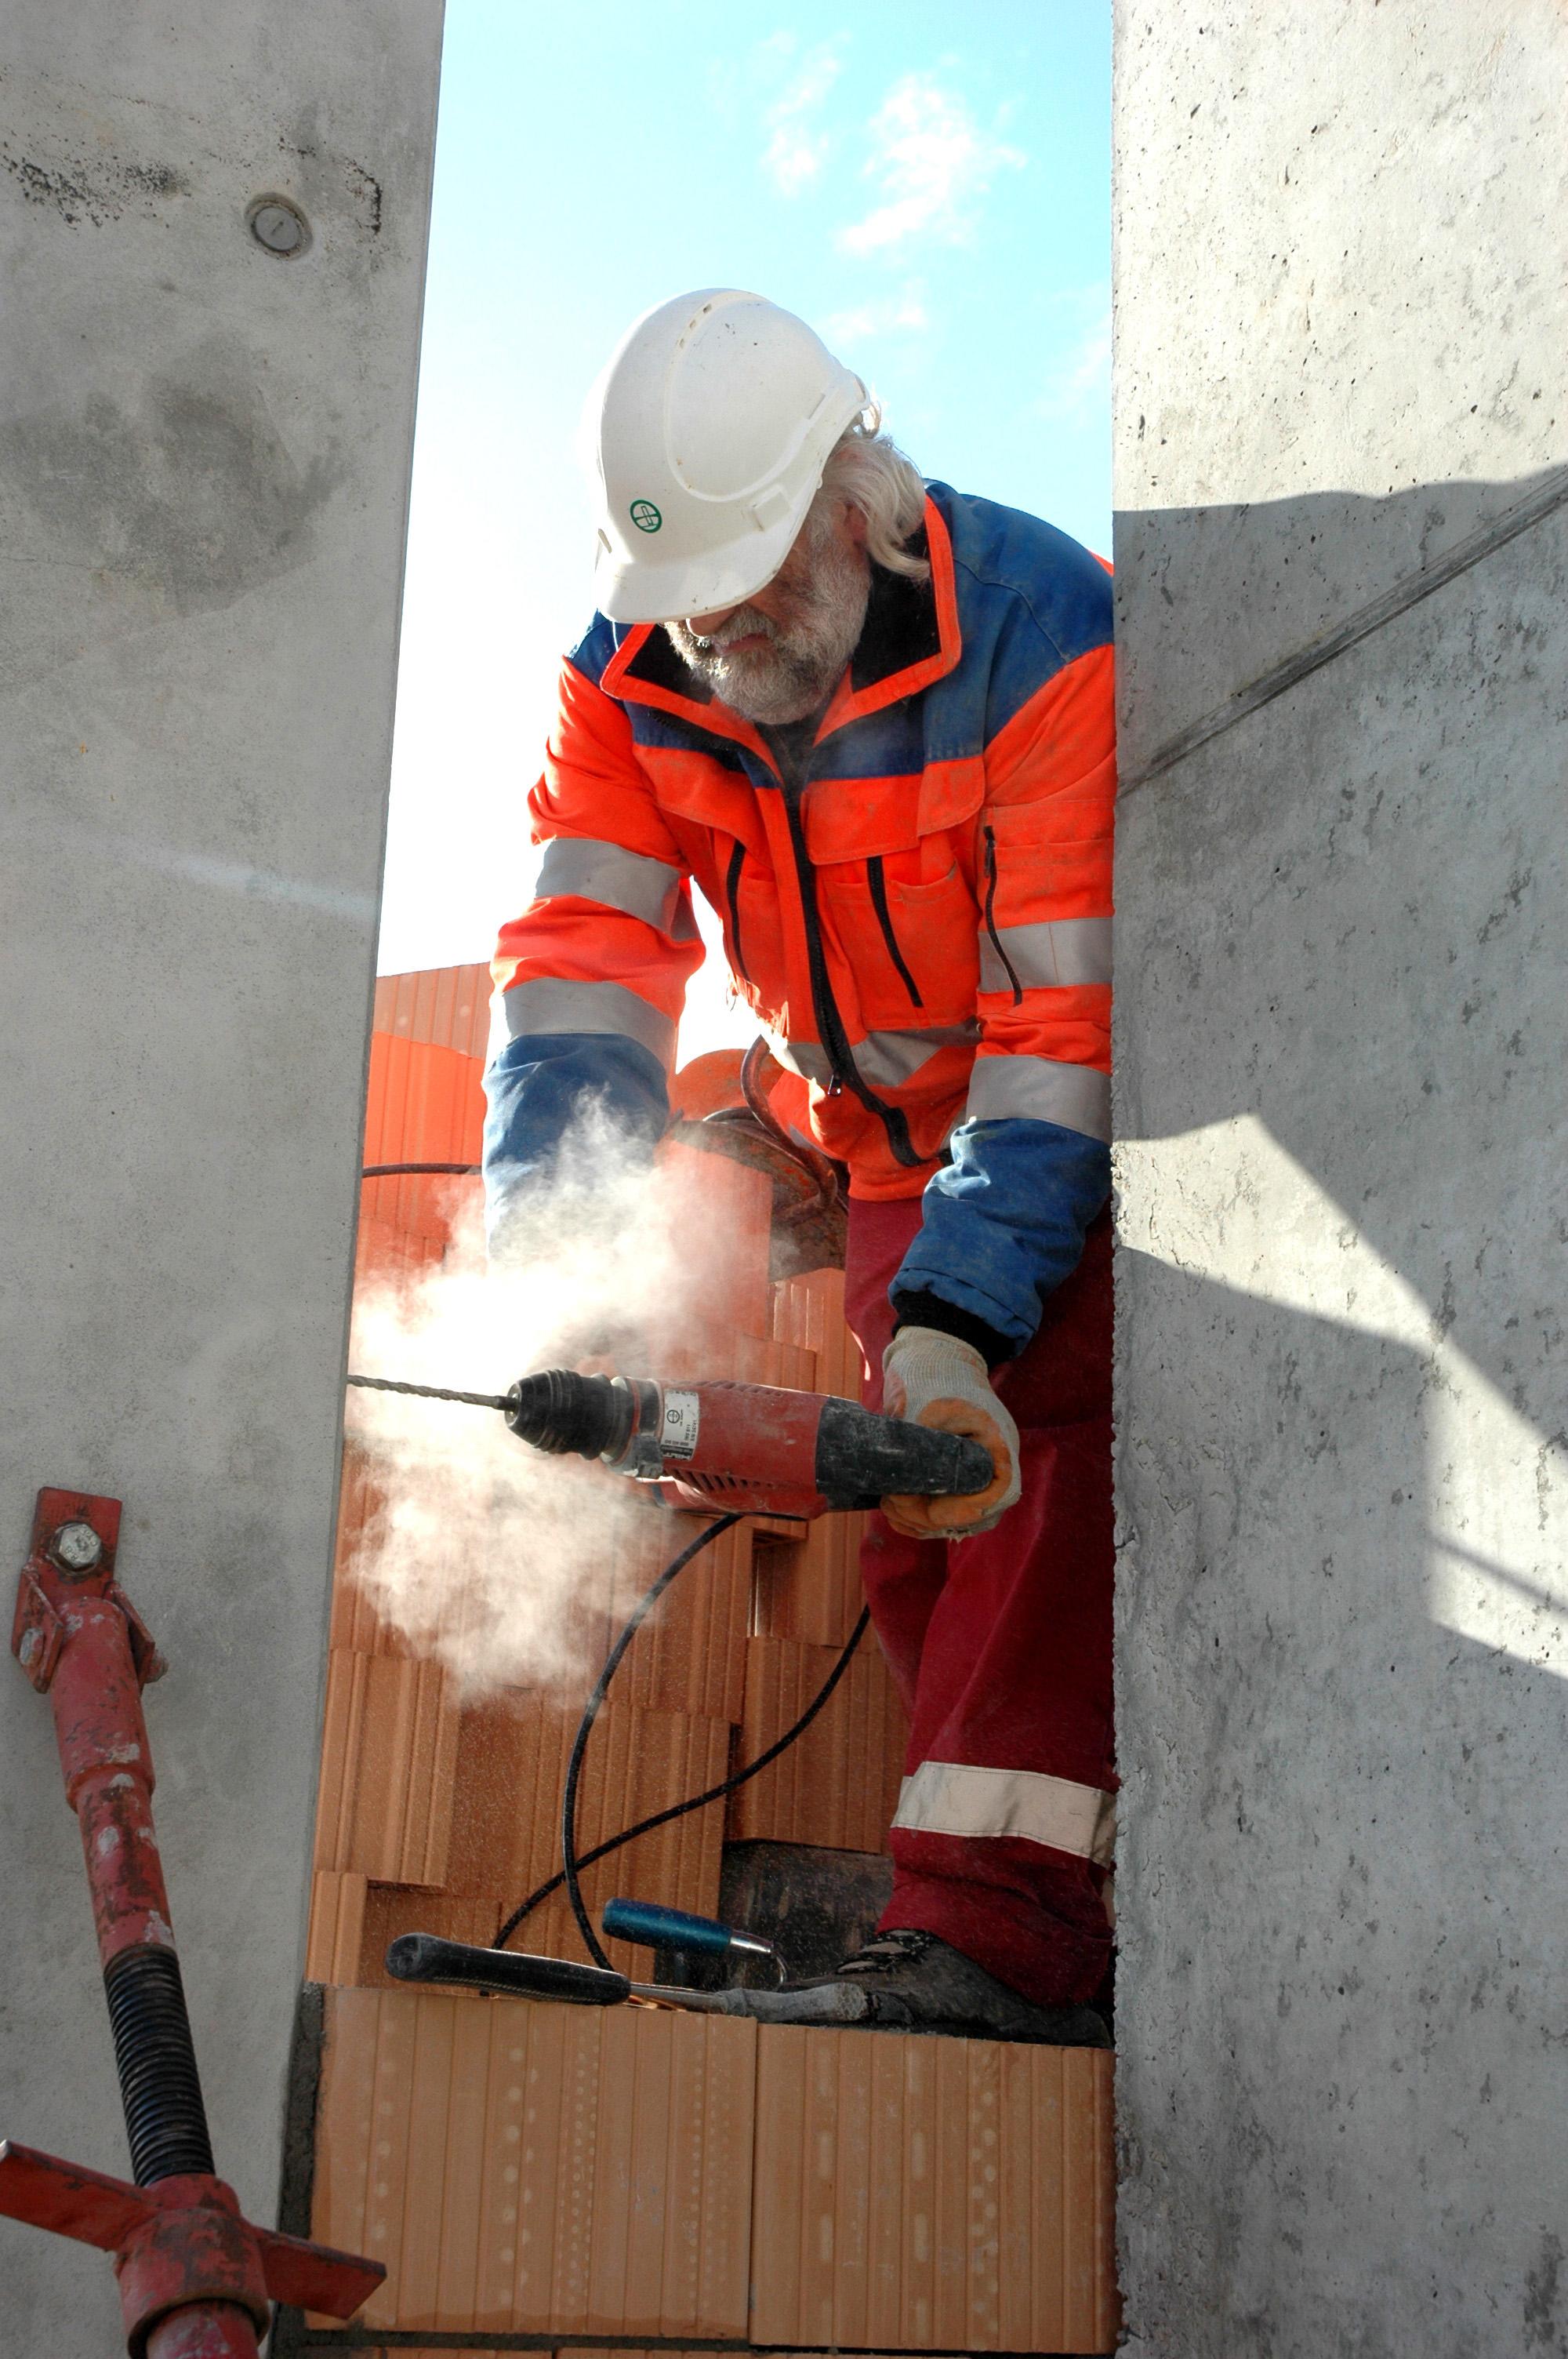 Ältere Arbeitskräfte sind auf dem Bau immer stärker gefragt. Foto: Paul-Georg Meister  / pixelio.de